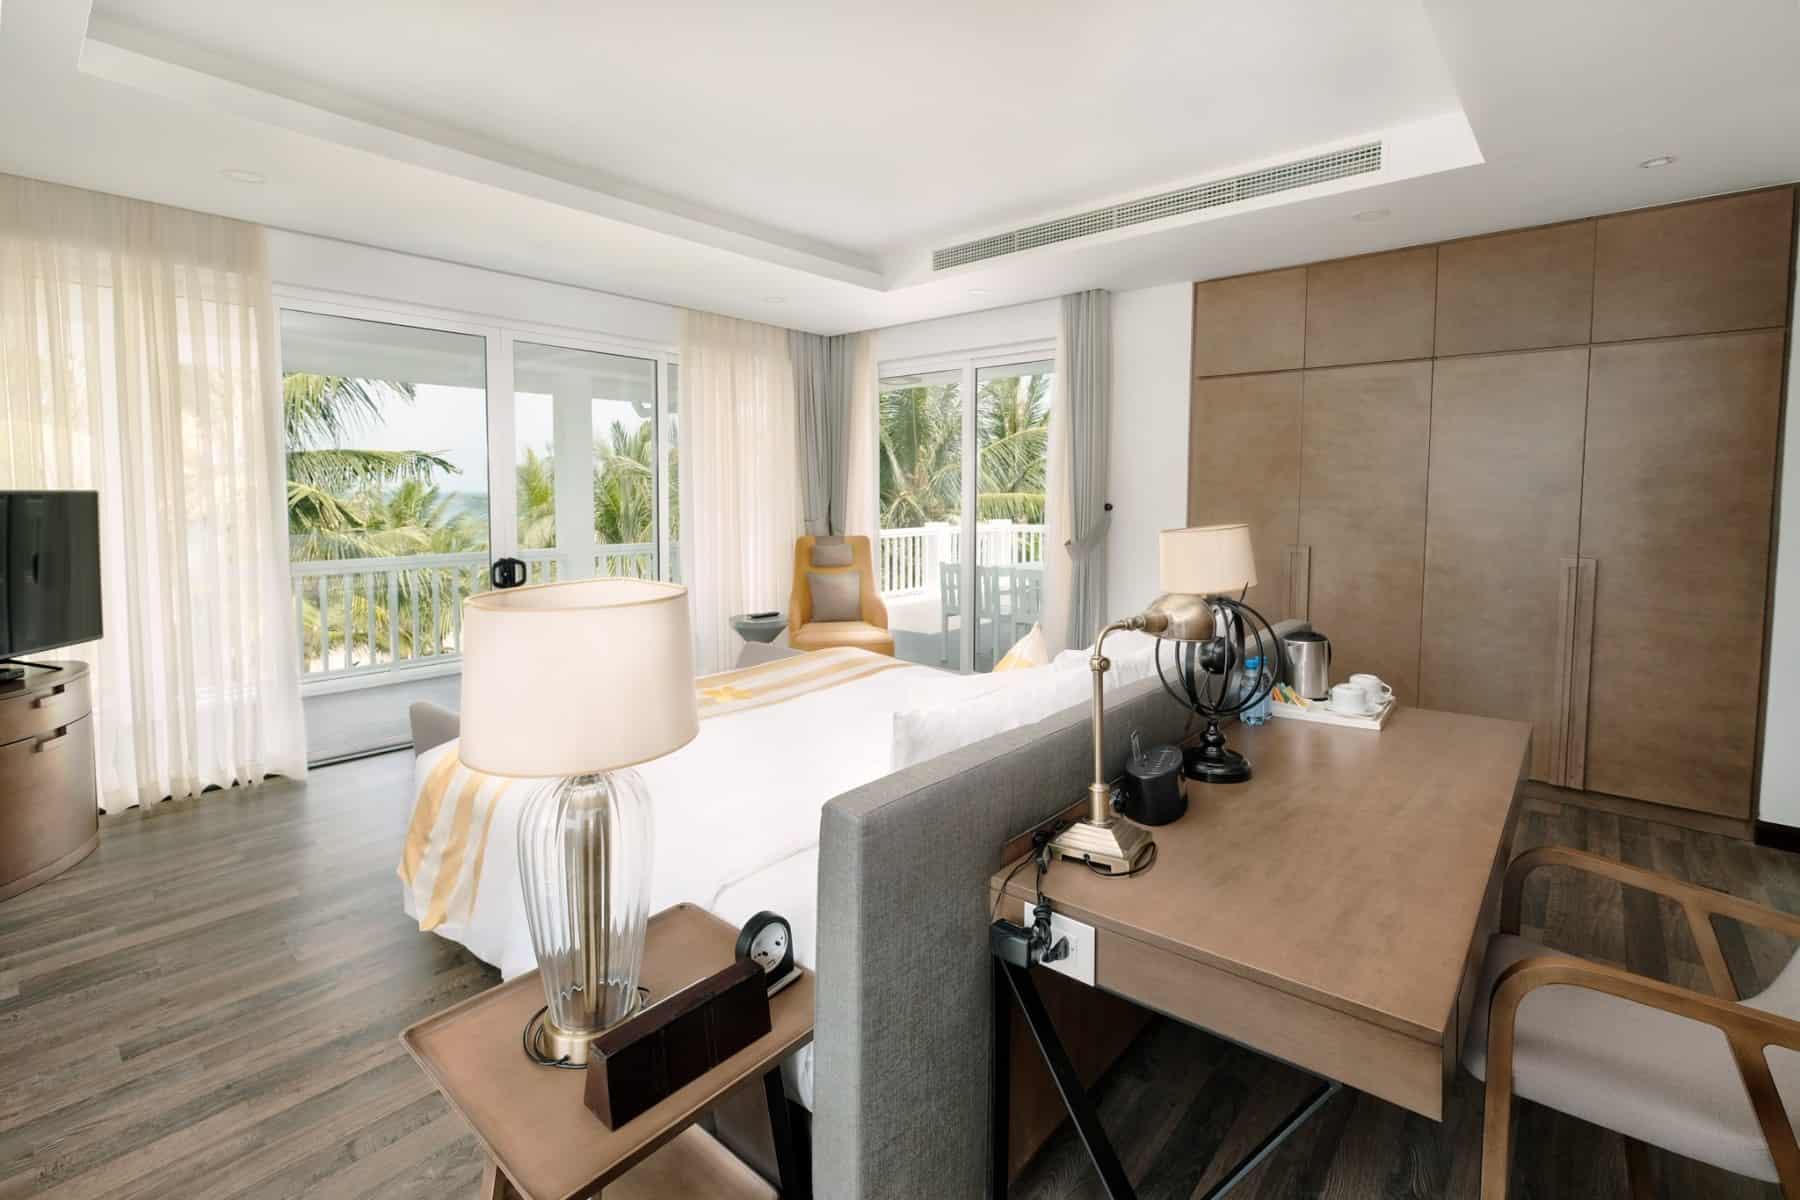 Phòng ngủ có cửa sổ rộng để cảm nhận trọn hương vị biển cả